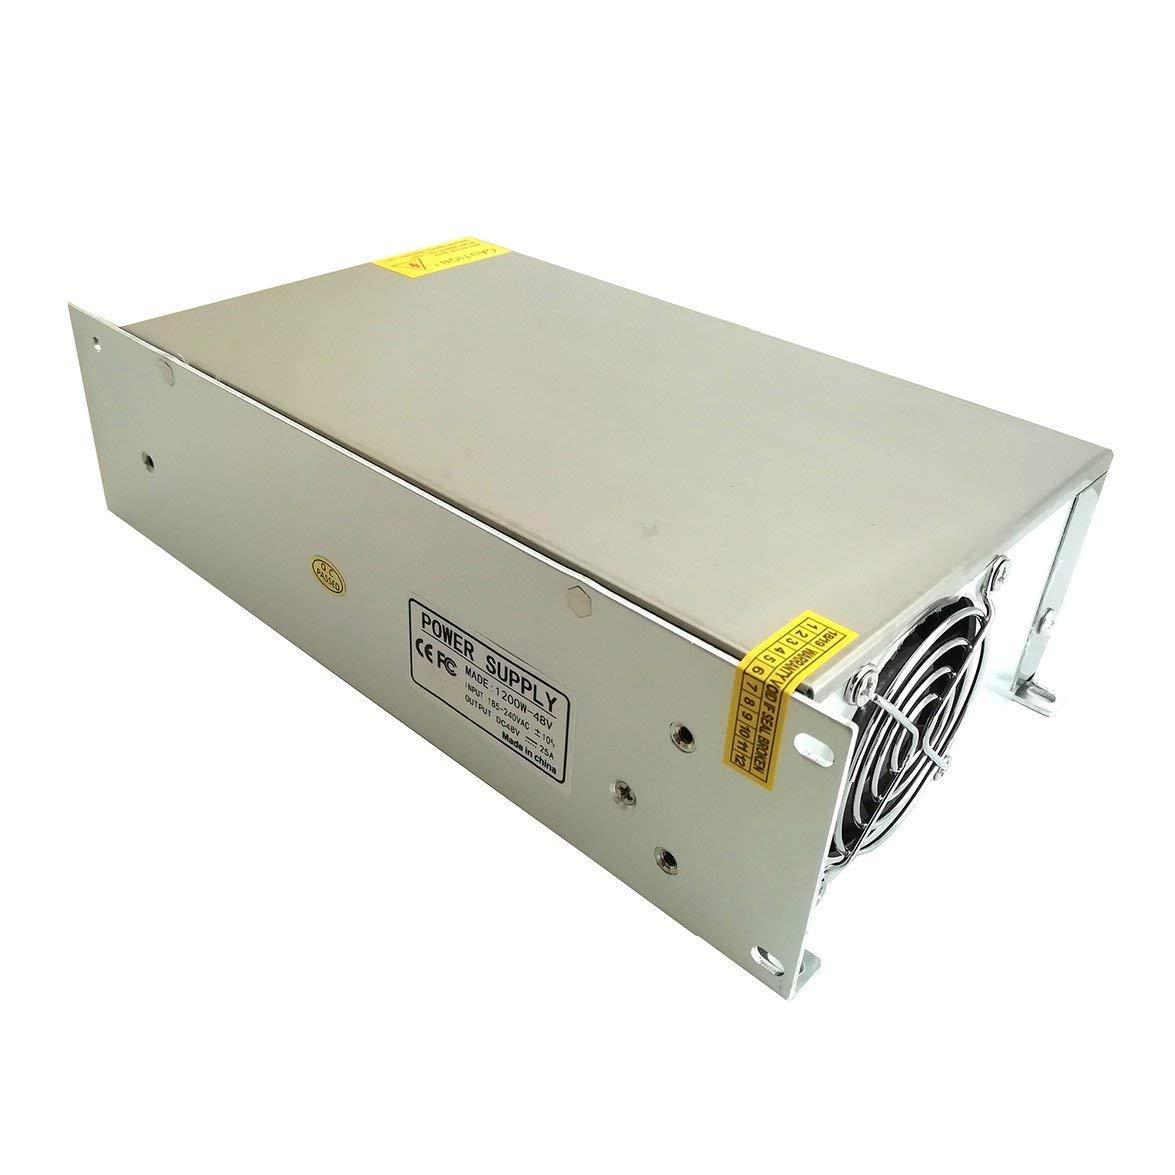 Alimentazione del commutatore del display dell'alimentatore del commutatore dell'alimentatore da 48V 20A 1000W Kongqiabona